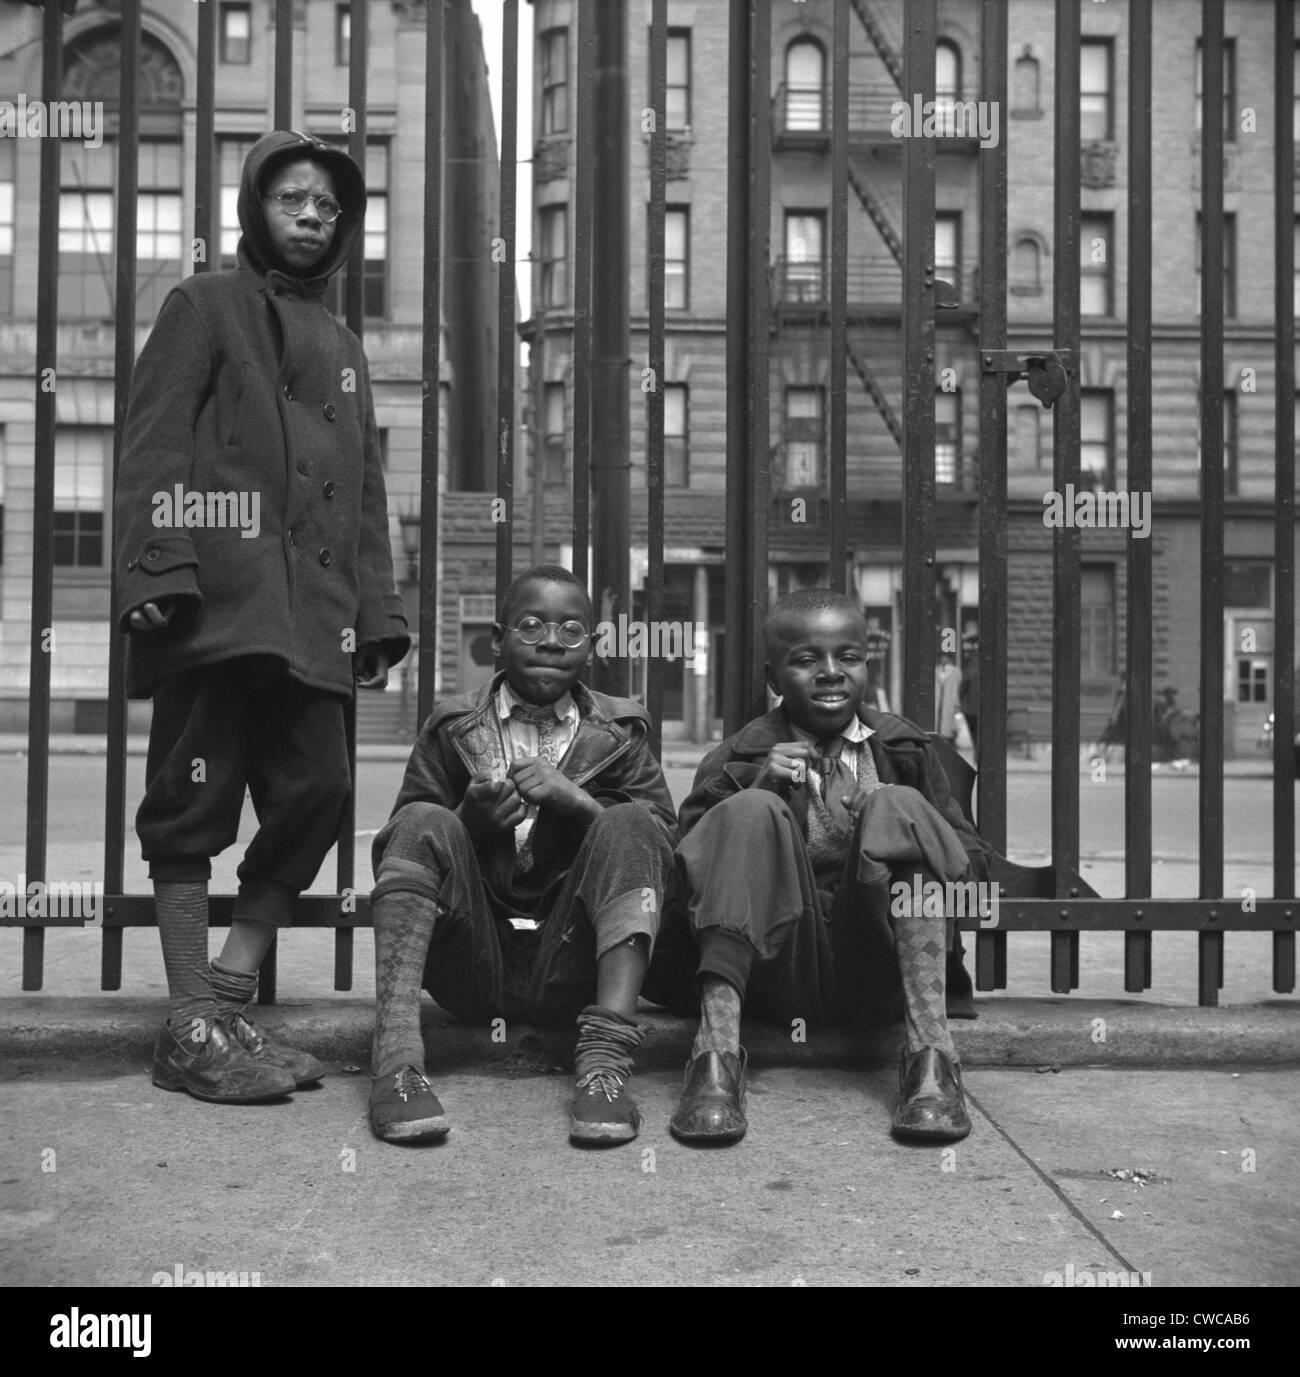 Drei afrikanische amerikanische Jungen in Harlem. Mai 1943 Foto von Gordon Parks. Stockfoto